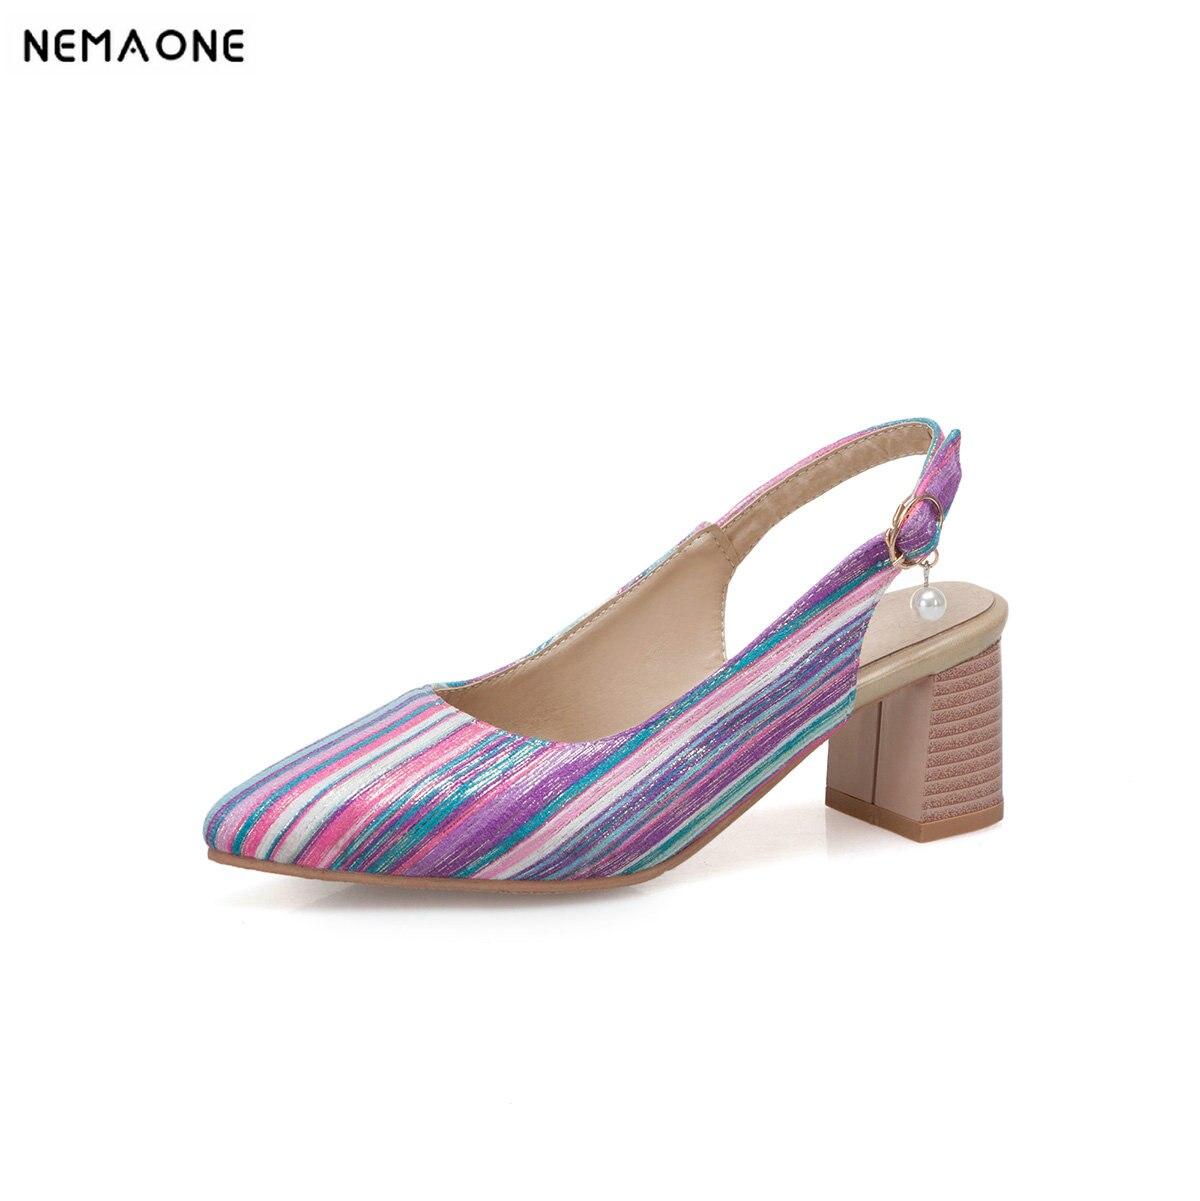 d4681bd44 NEMAONE/обувь на высоком толстом каблуке с ремешком на пятке женские цвета  радуги женские туфли-лодочки женская обувь большой размер 43